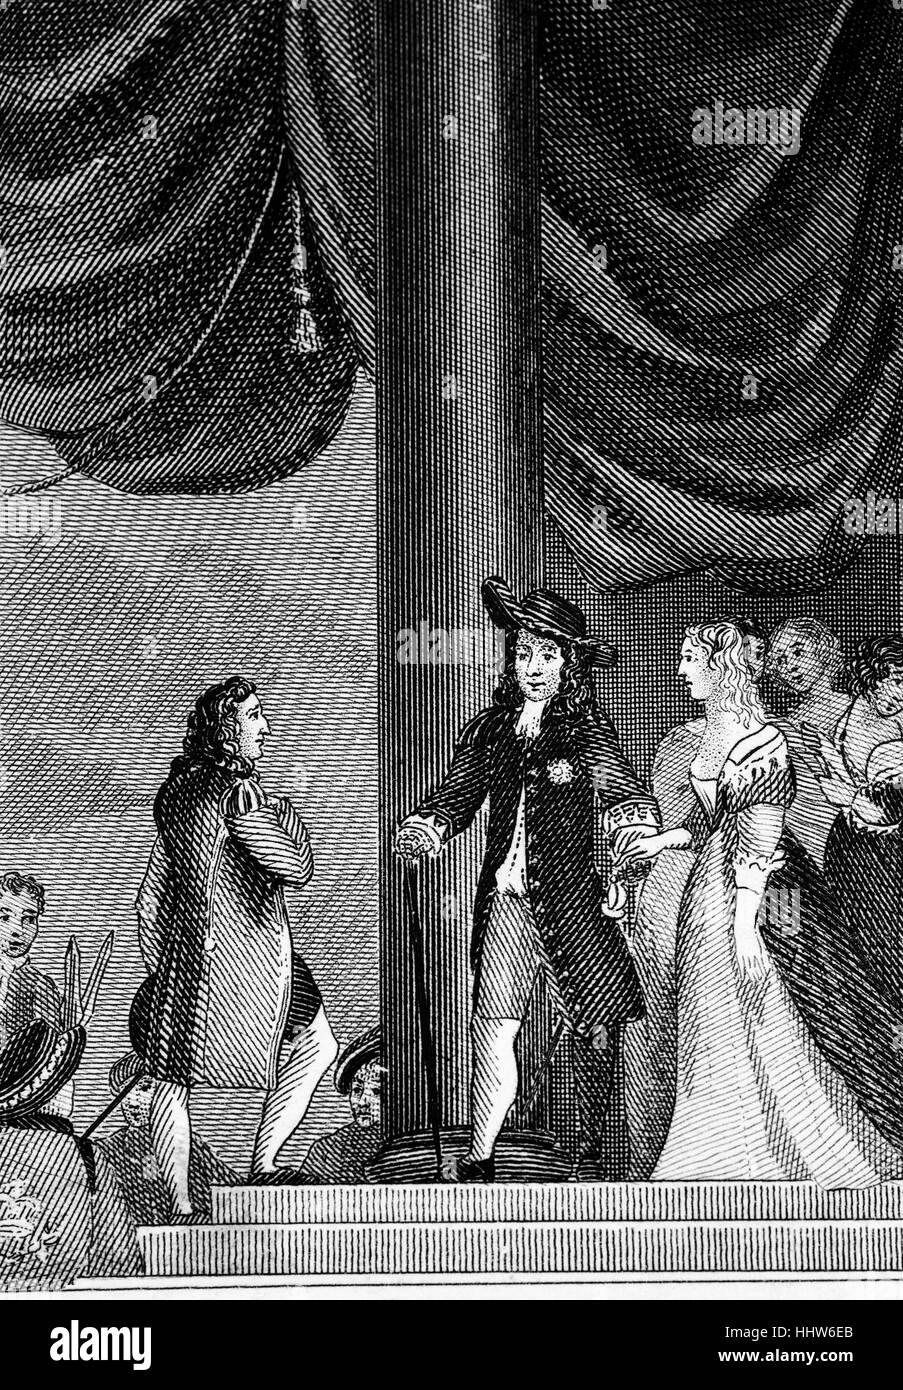 L'introduzione di Lady Maria(1631 - 1660), la figlia del re Carlo I di Prince William II. Il matrimonio ha avuto luogo il 2 maggio 1641 presso la cappella reale a Londra ma è stato ripetutamente non consumato per diversi anni perché la sposa era solo nove anni. Foto Stock